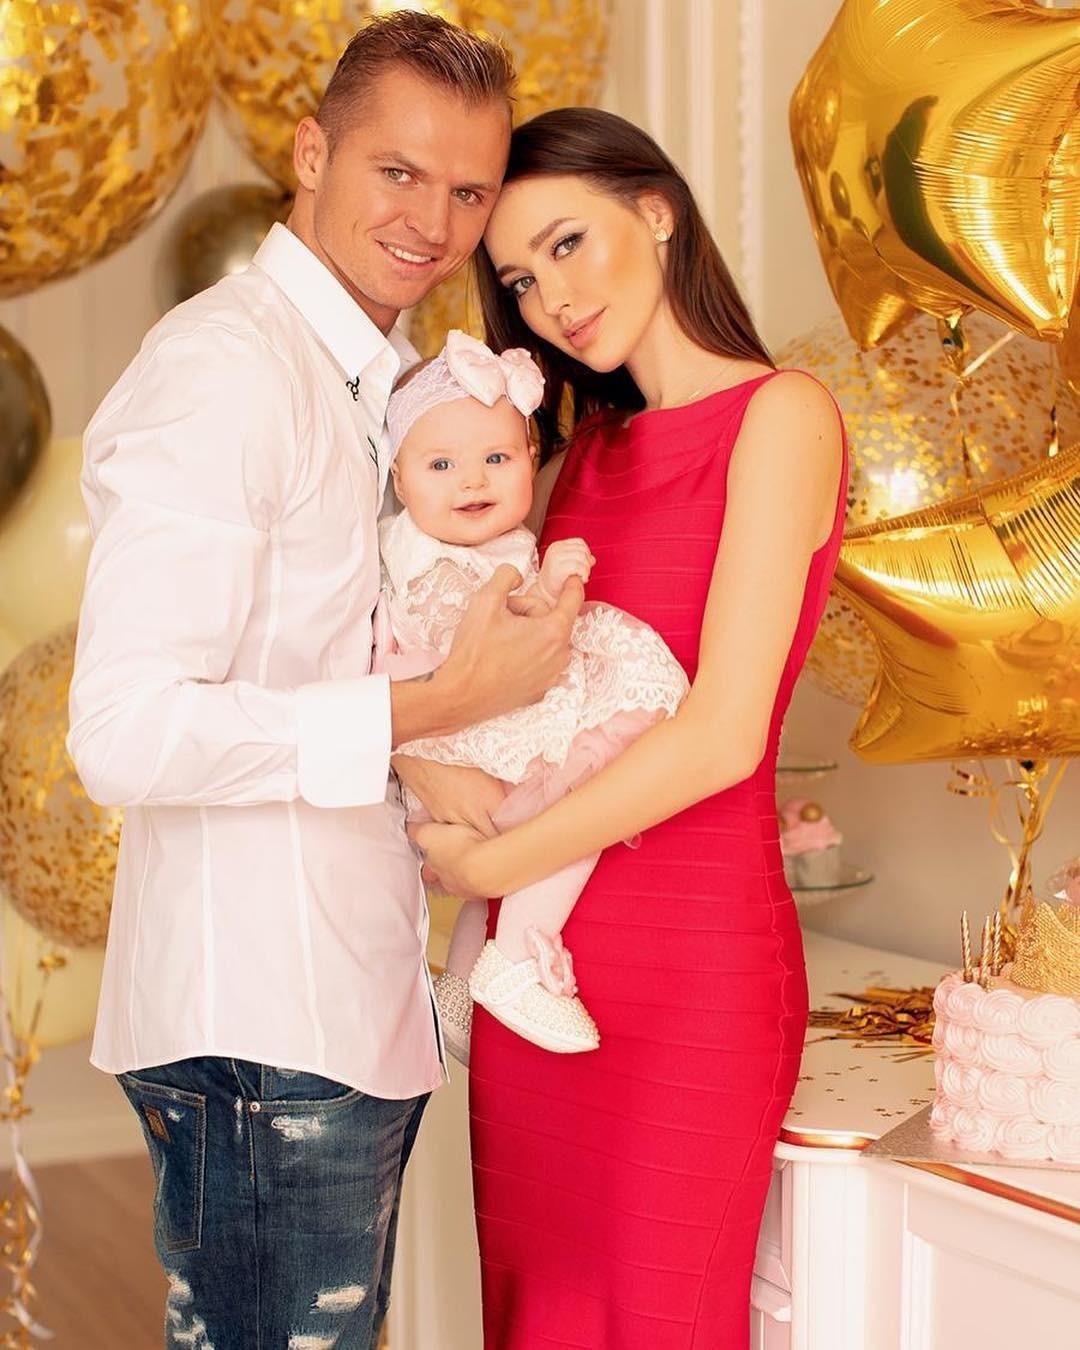 Подписчики заподозрили в словах Дмитрия Тарасова намек на проблемы в семье